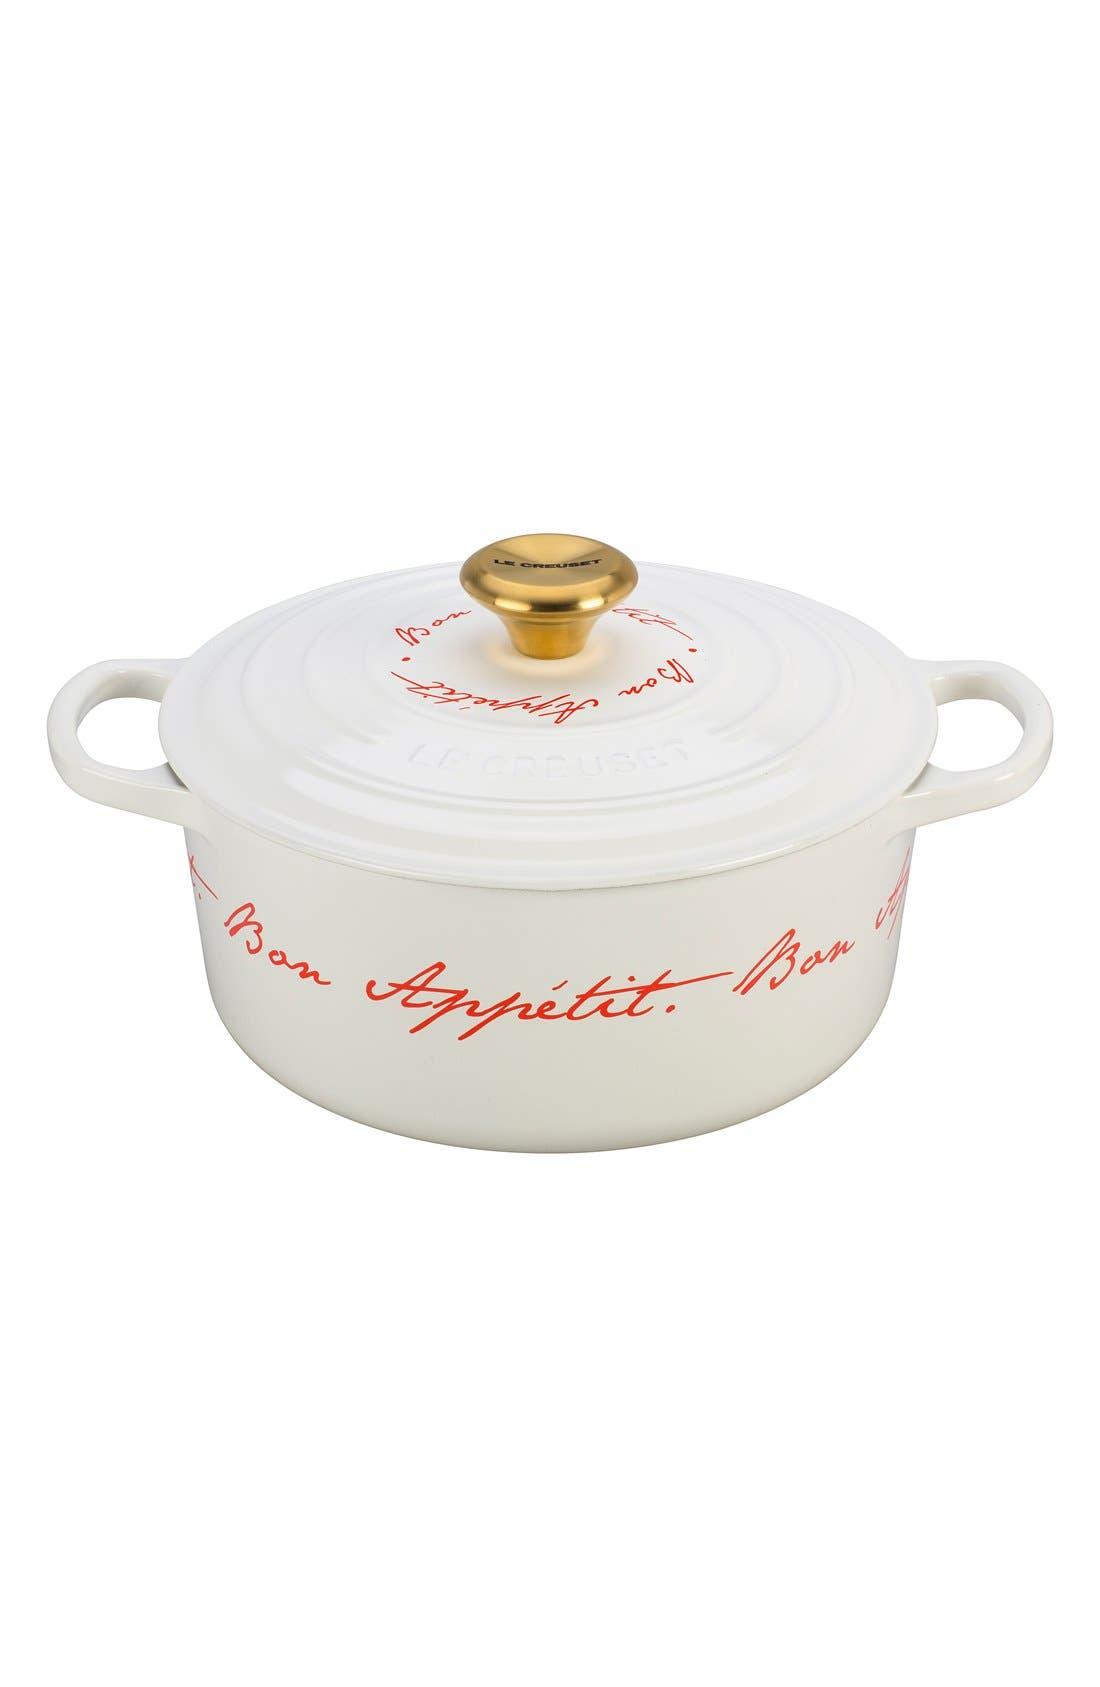 LE CREUSET 'Bon Appétit - Gold Knob' 4